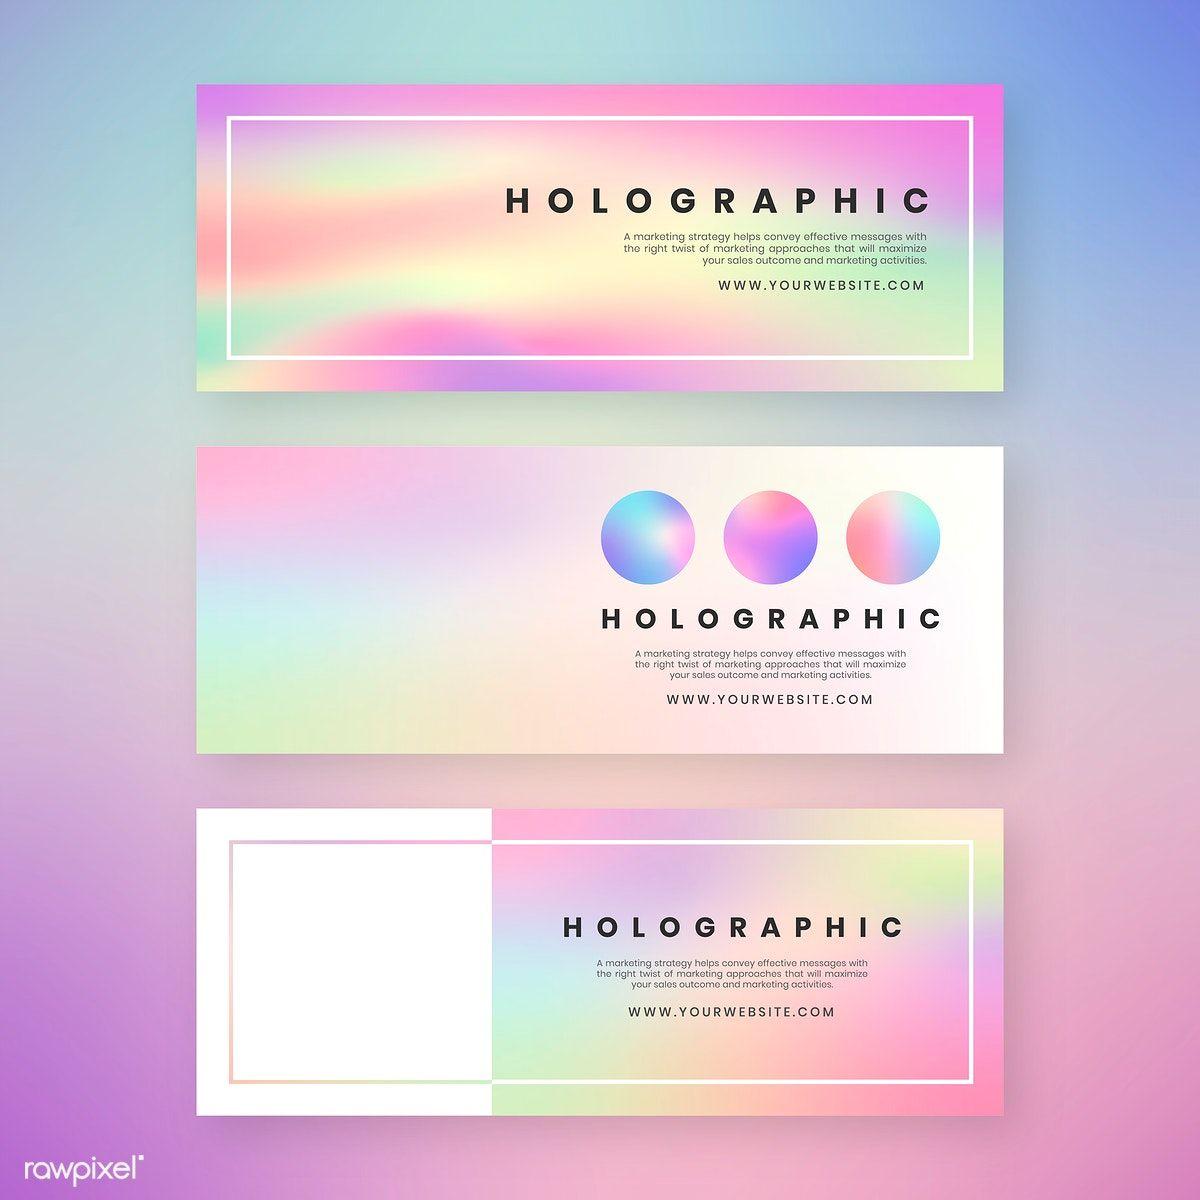 Holographic Website Banner Design Vector Set Free Image By Rawpixel Com Website Banner Design Shop Banner Design Banner Design